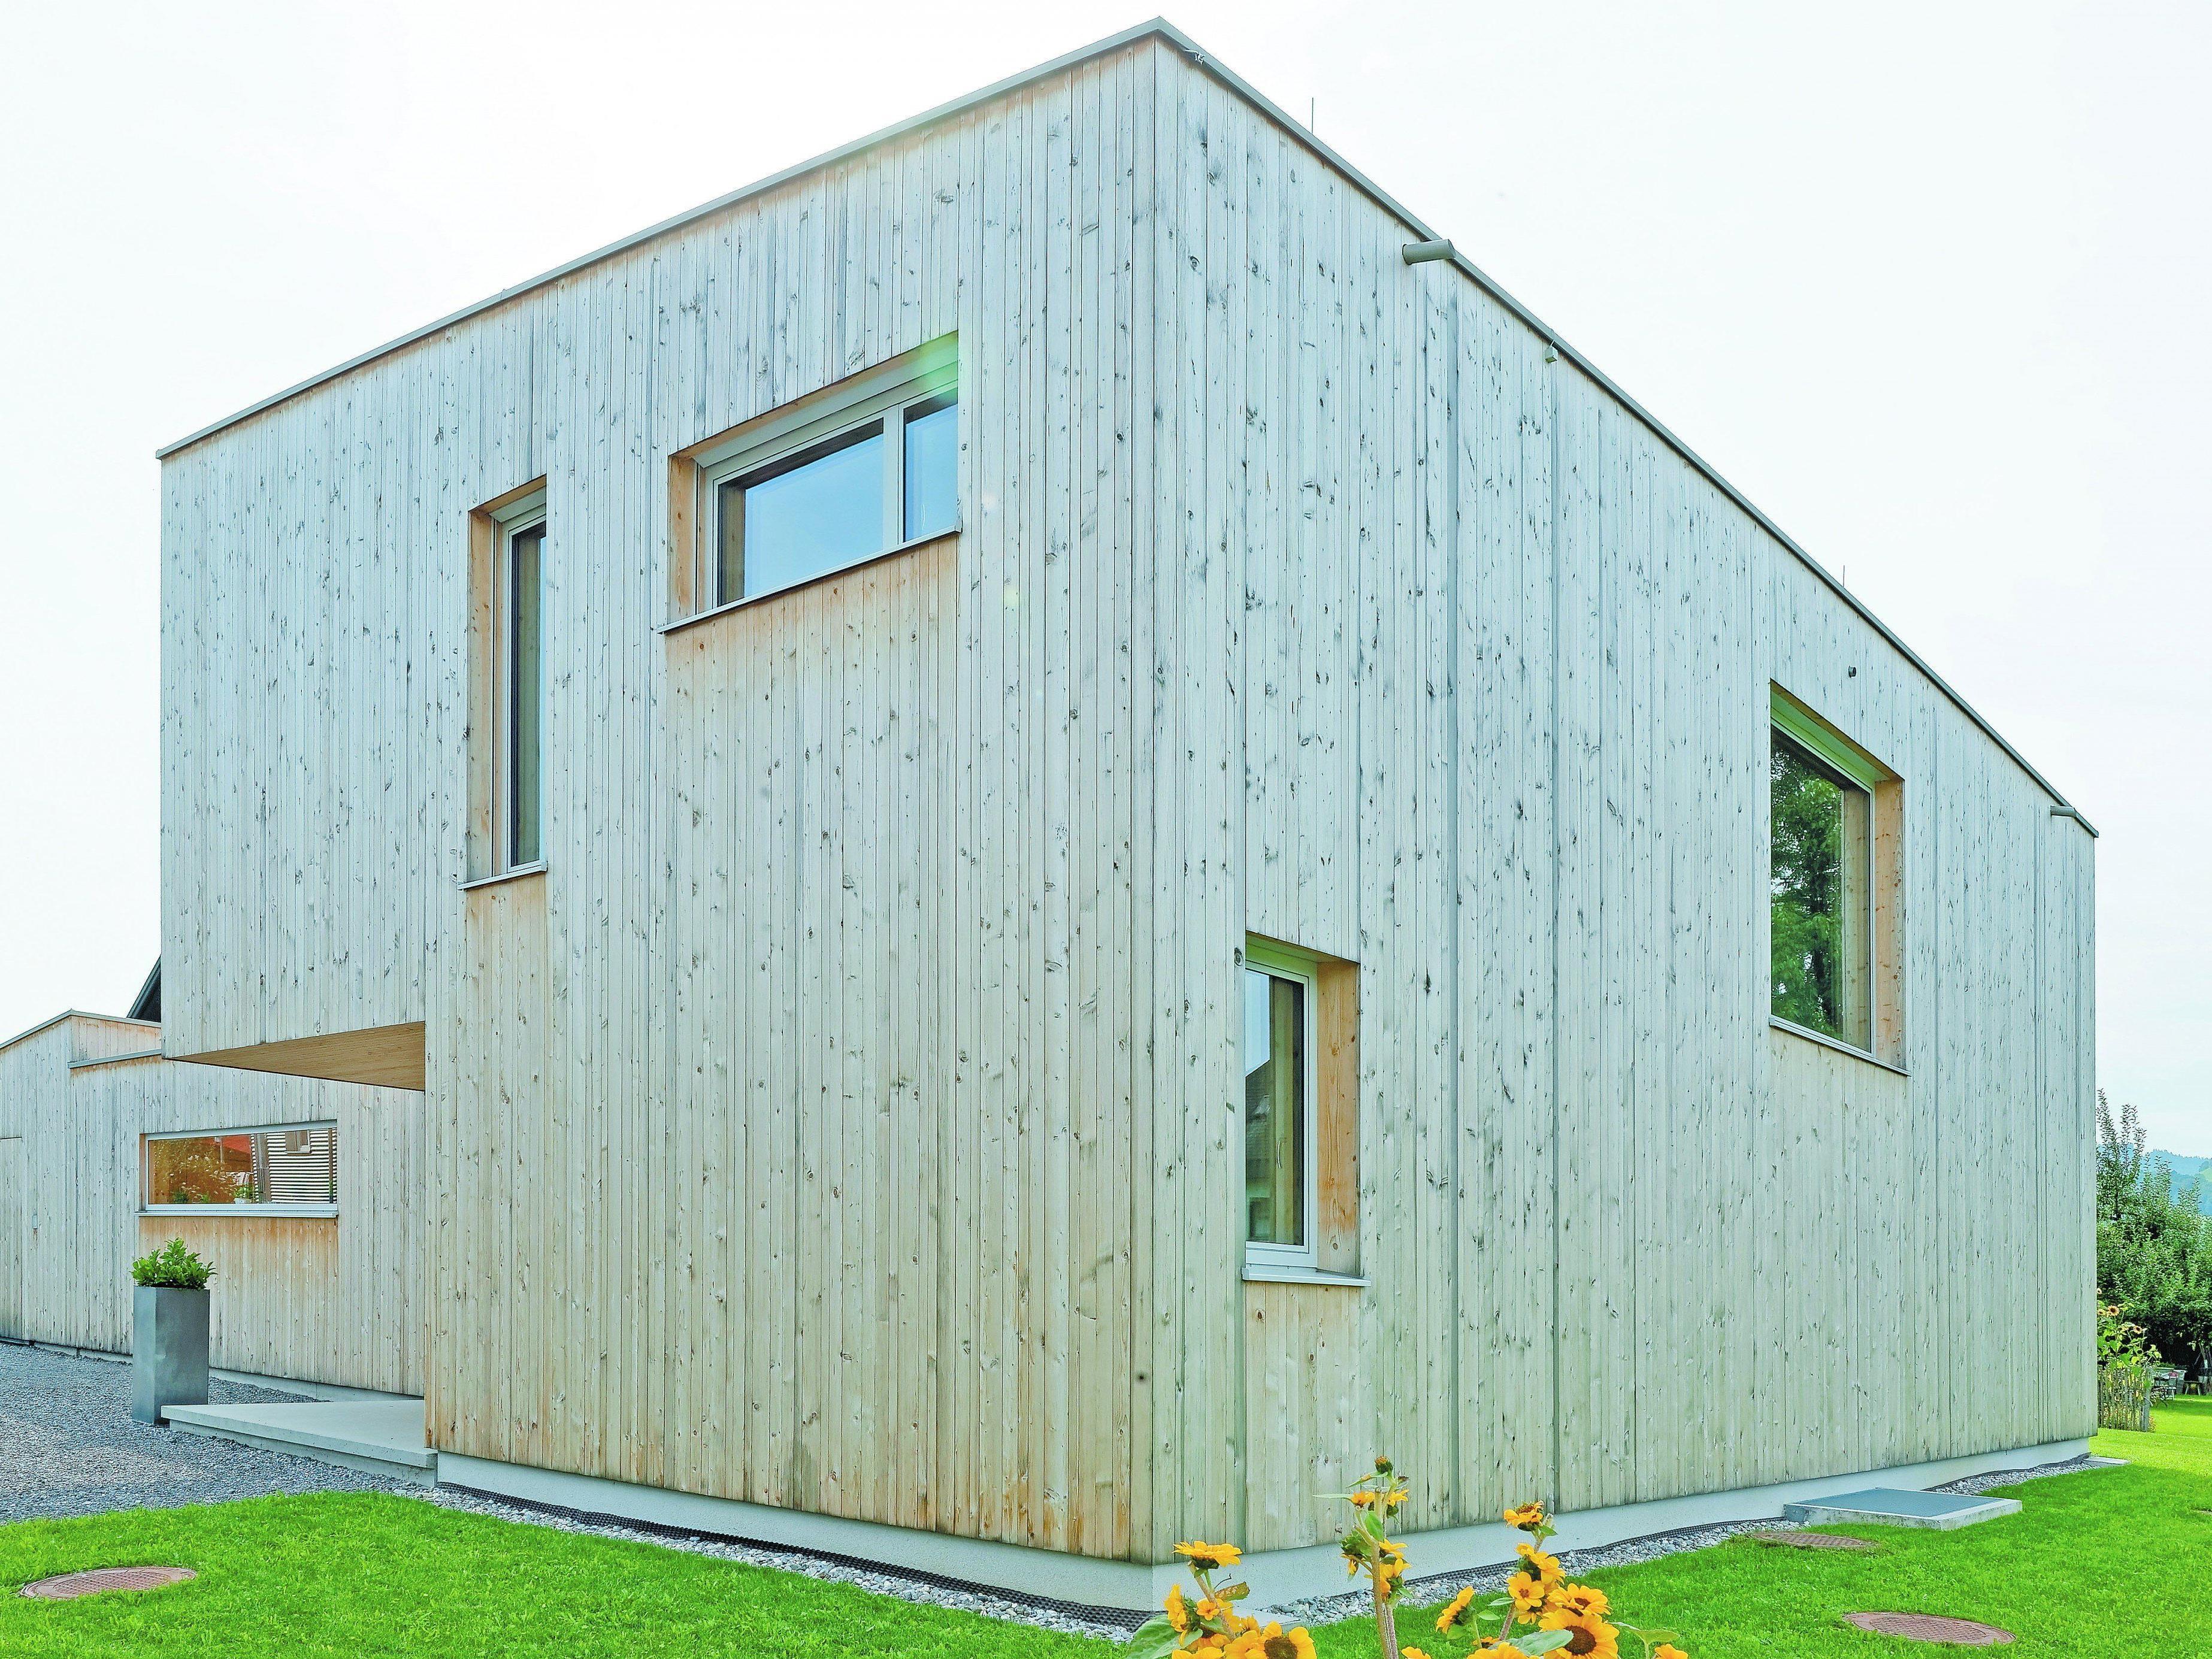 Fensterspiele Als raffiniertes gestalterisches Element sind die mehr oder weniger großen Holz-Alu-Fenster in die mit unterschiedlich breiten Fichtenlatten verkleideten Fassaden geschnitten.